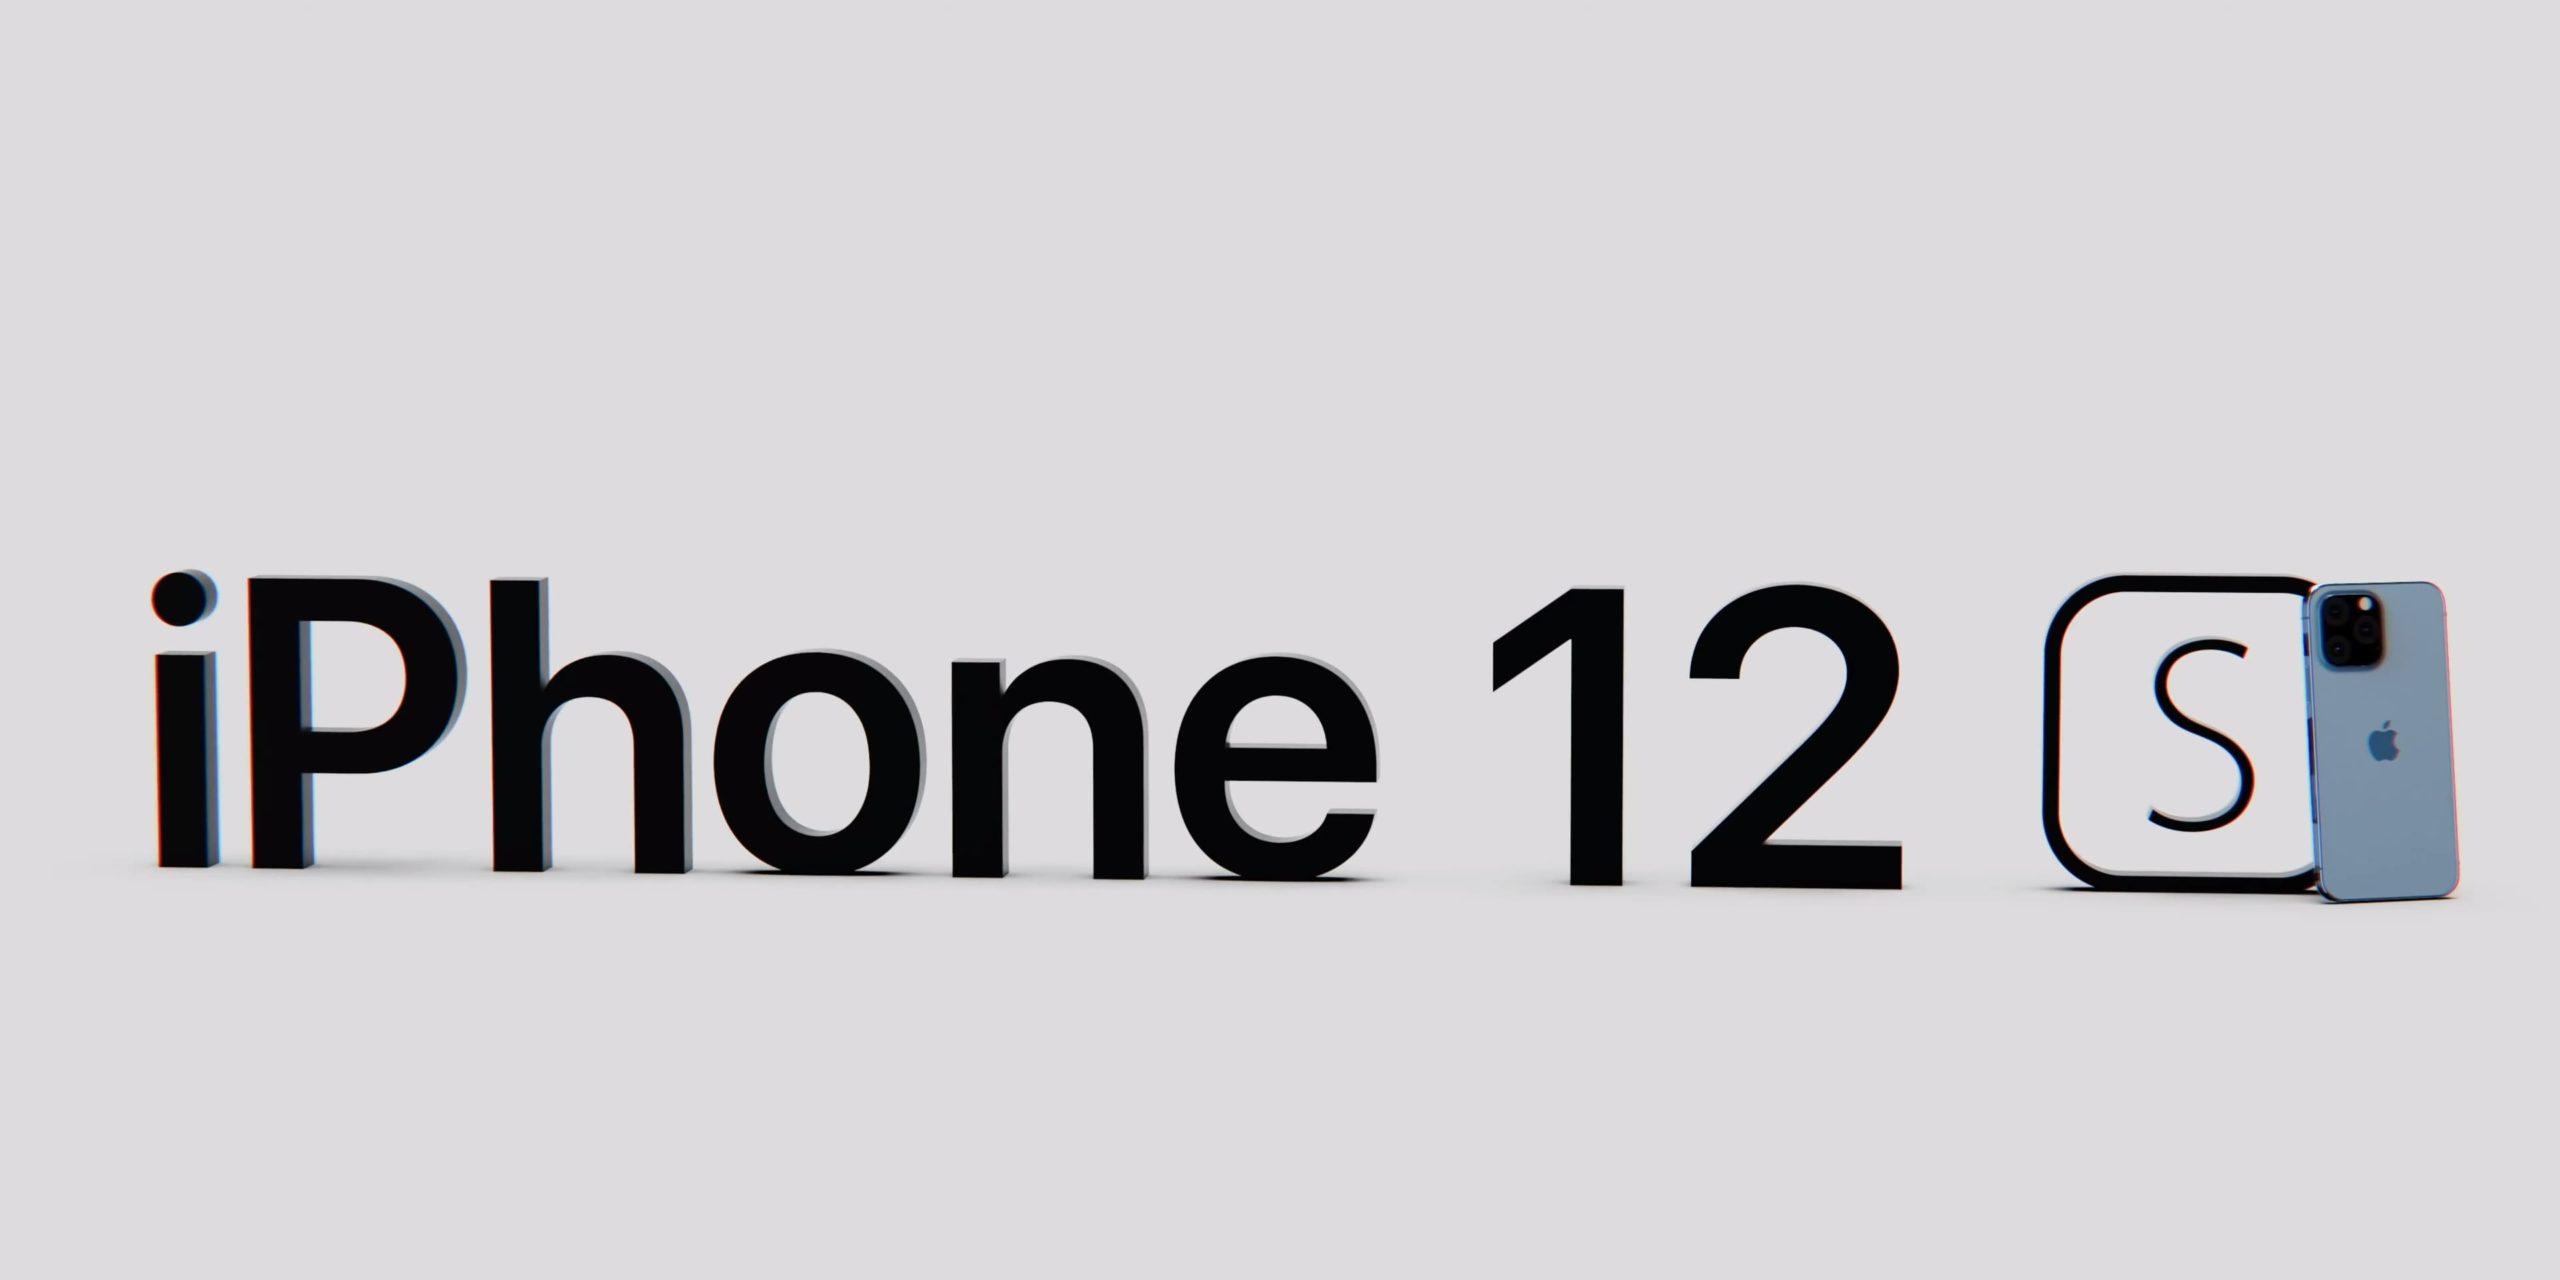 2021 款 iPhone 外觀與命名1